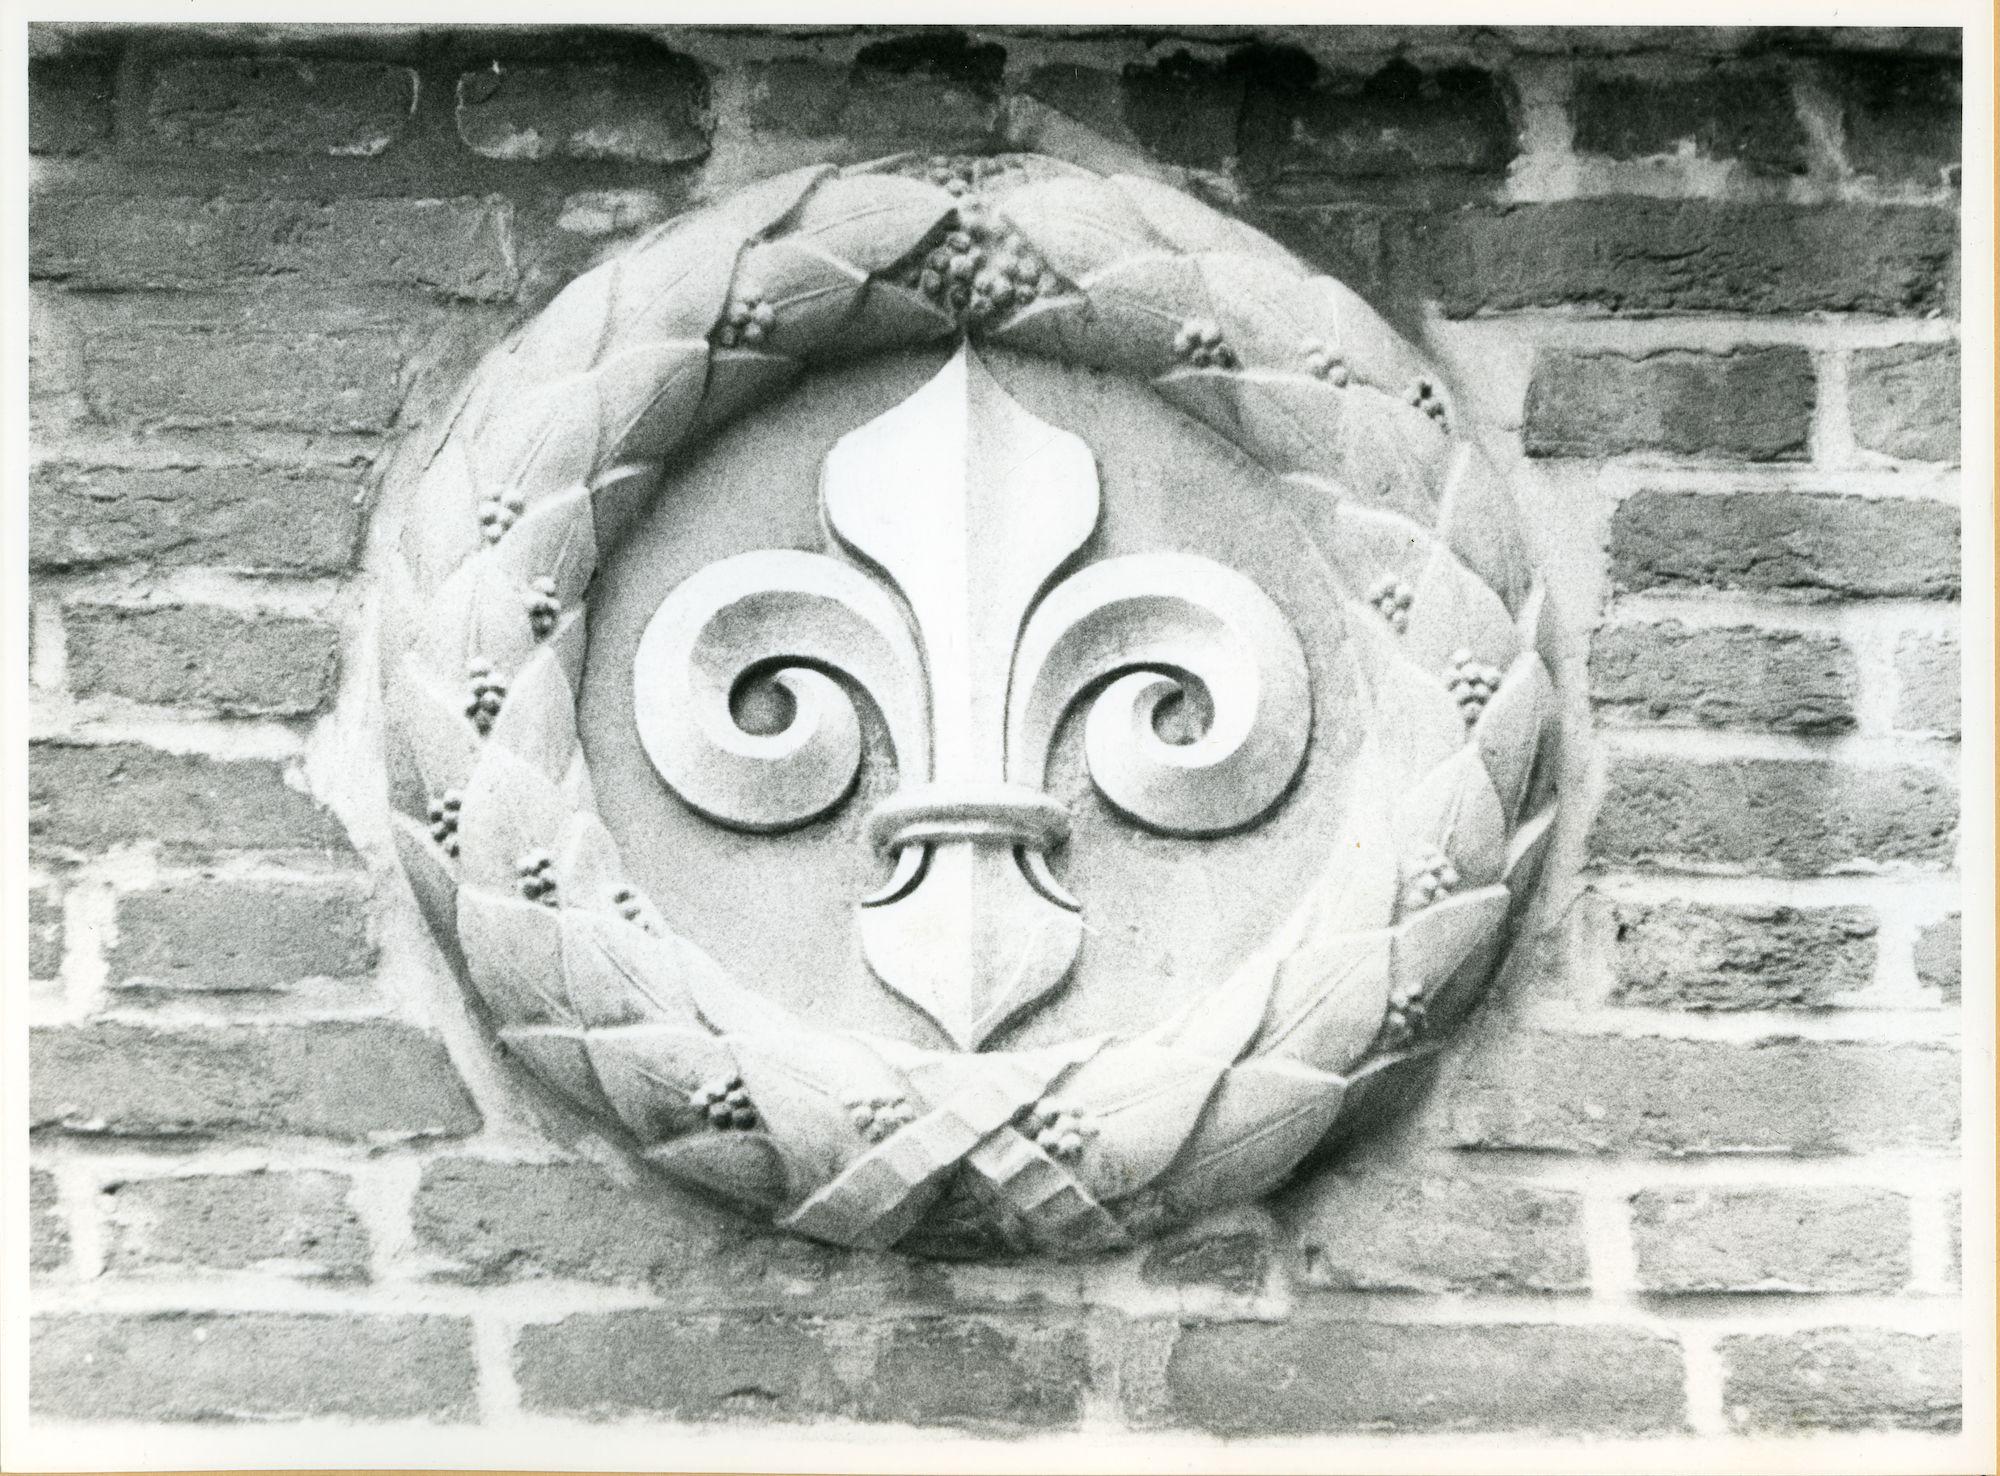 Gent: Meerseniersstraat 10: Beeldhouwwerk